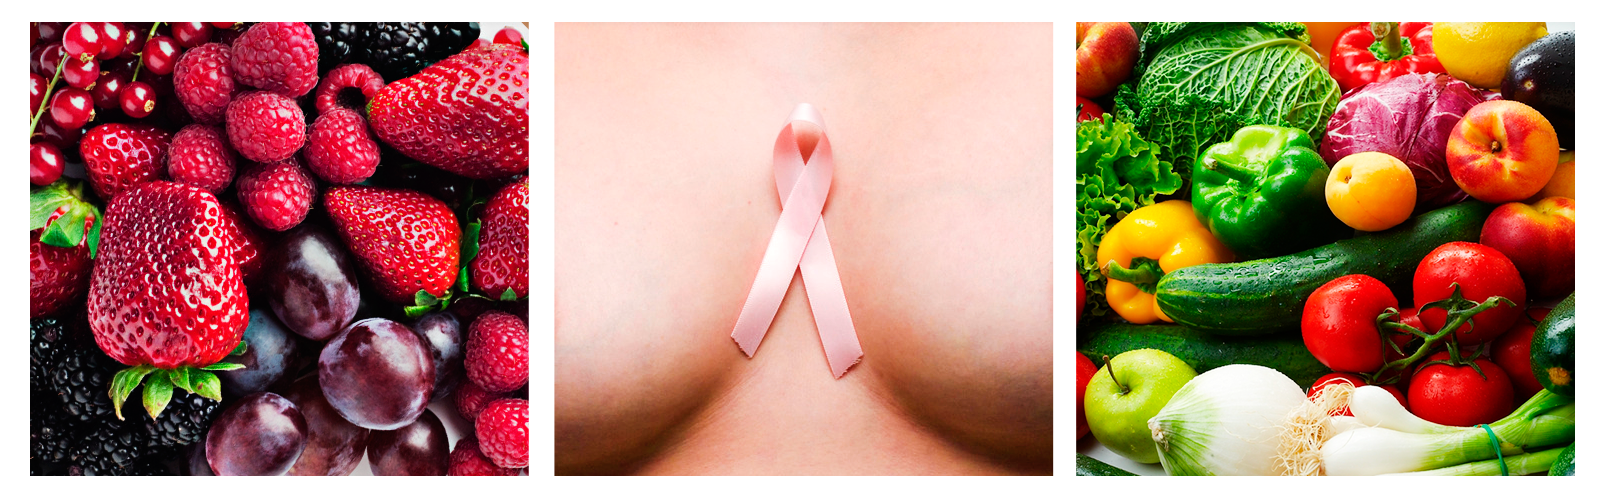 Cuida la salud de tus senos con alimentación limitada y ejercicio.